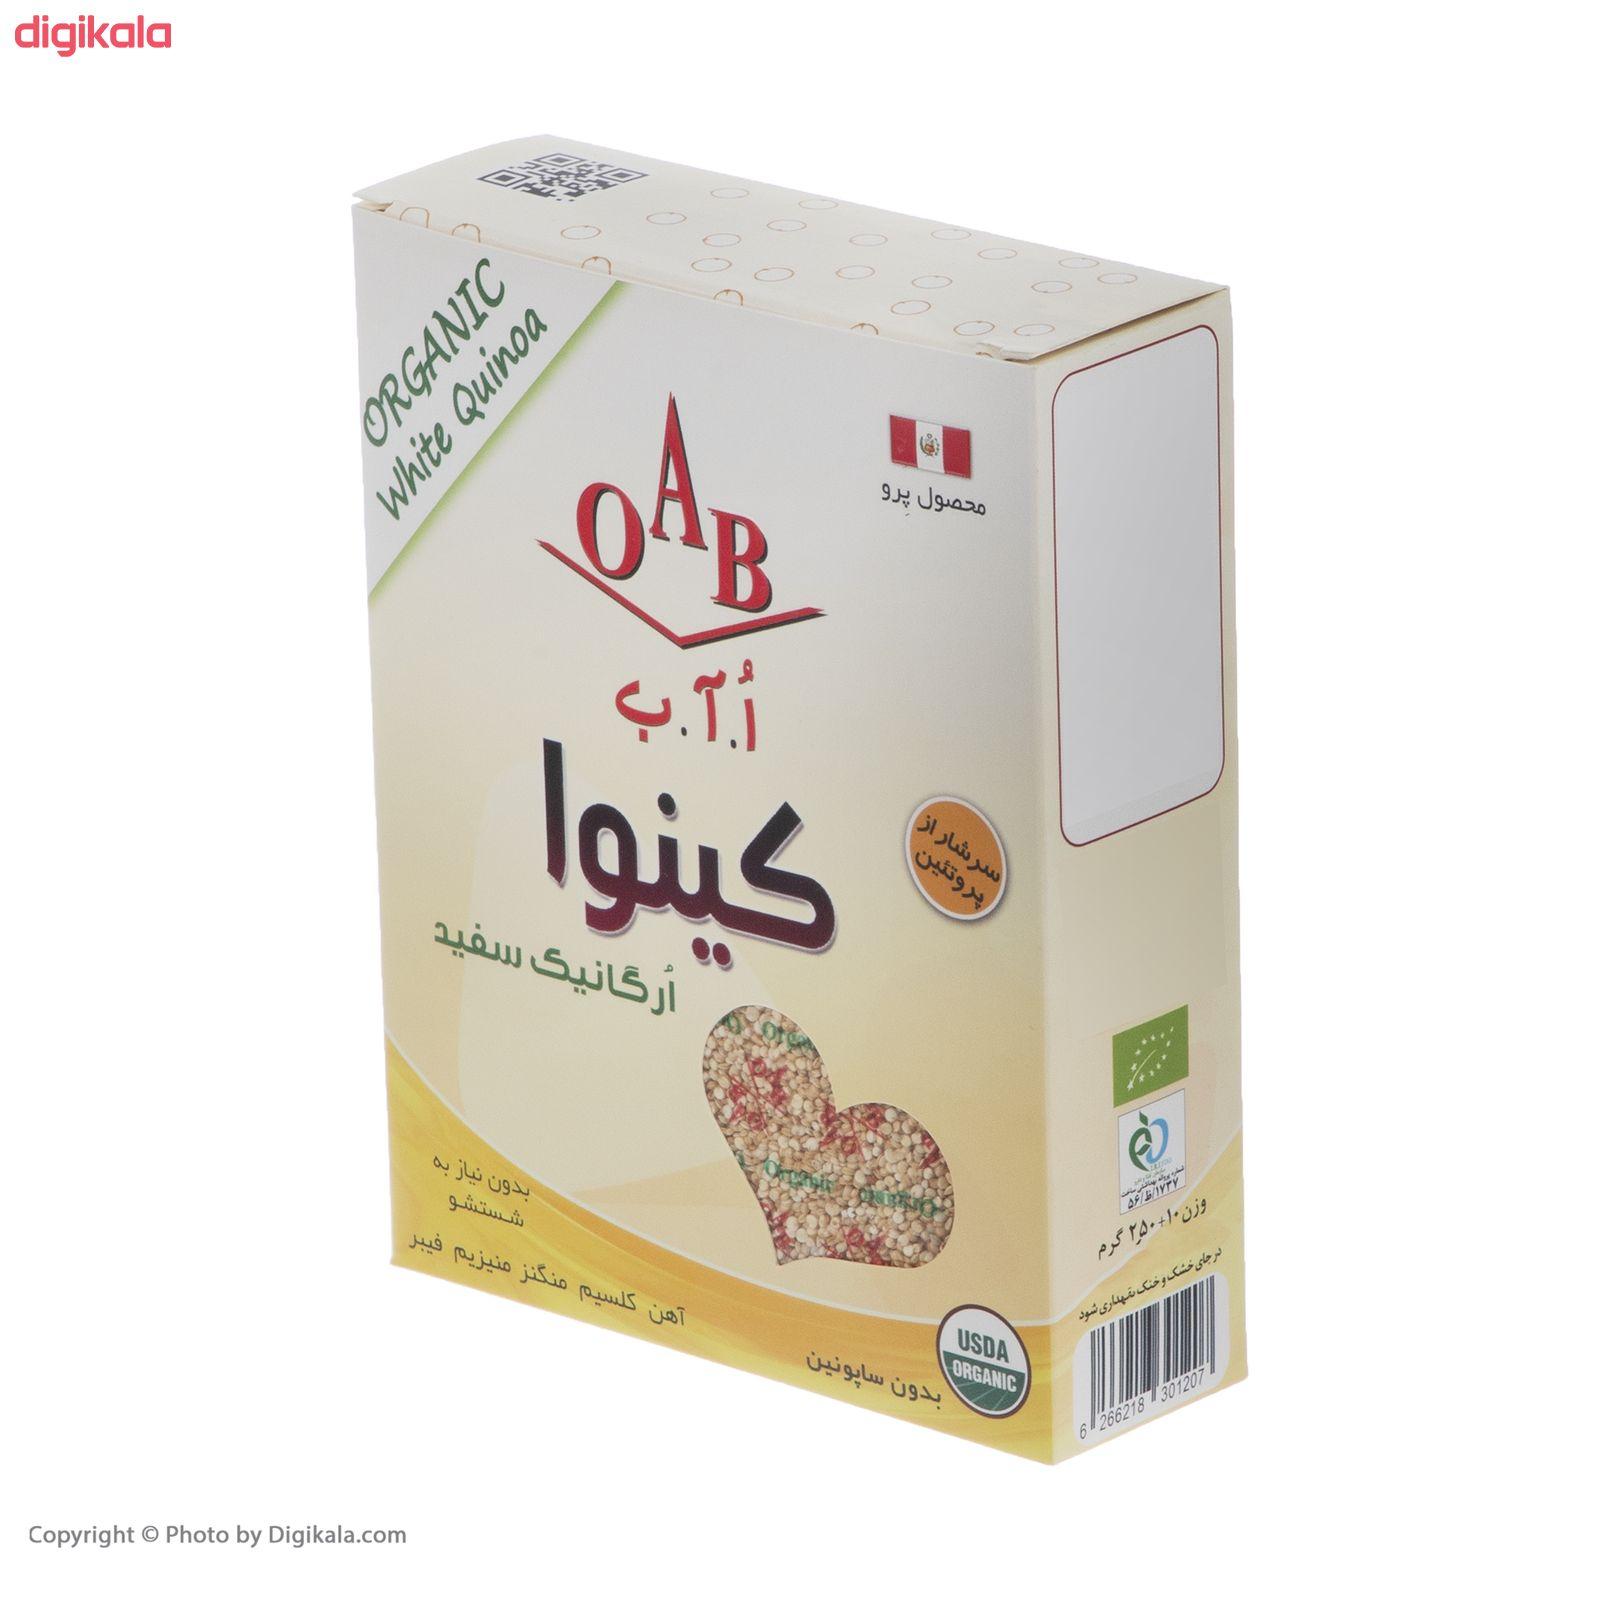 کینوا سفید ارگانیک اُ آ ب - 250 گرم  main 1 4